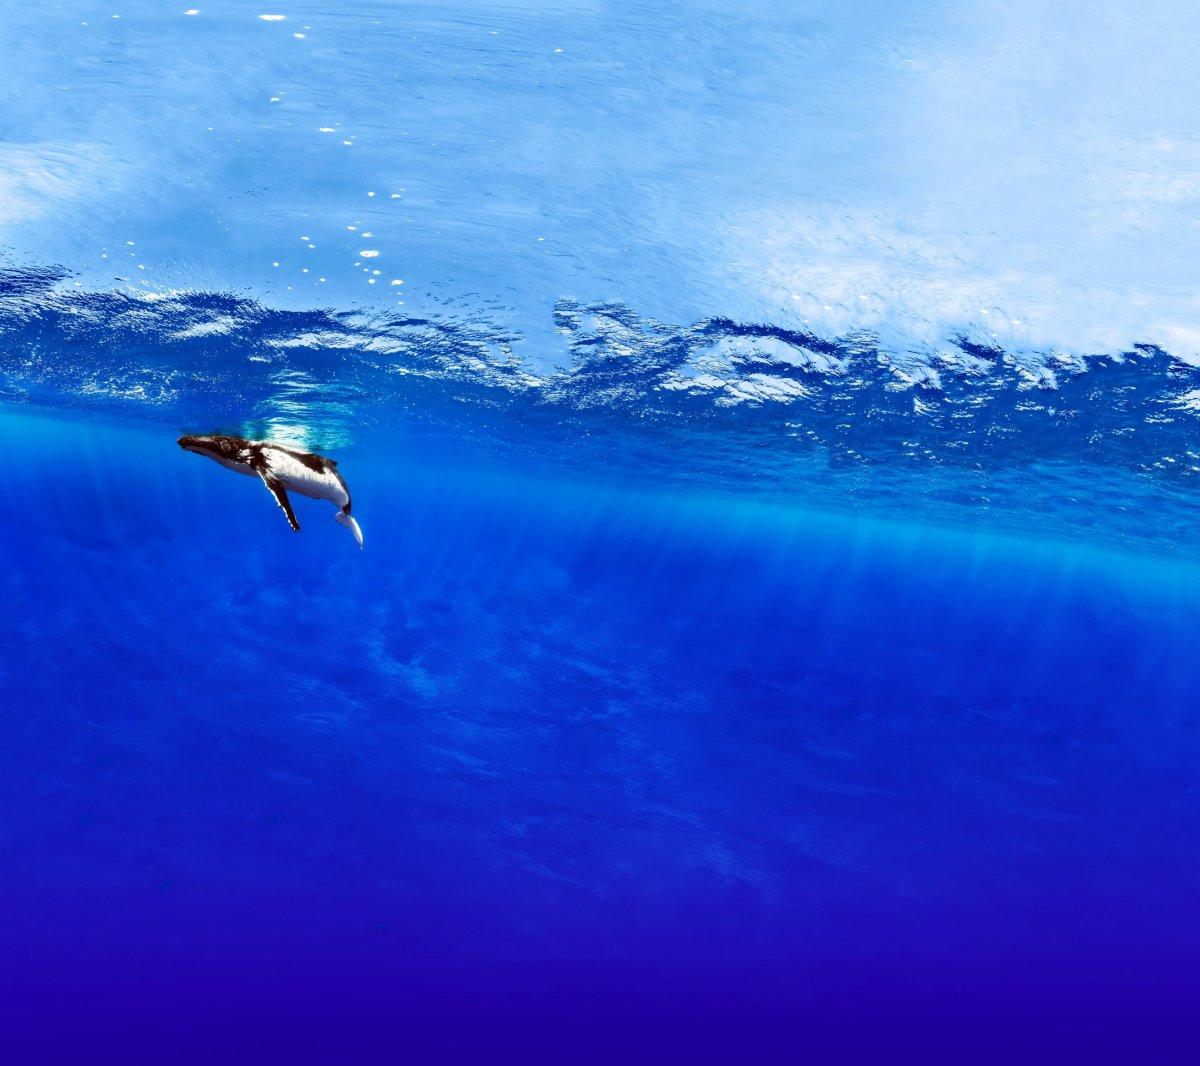 Download Pixel 2 Wallpaper (Keep Looking, Underwater